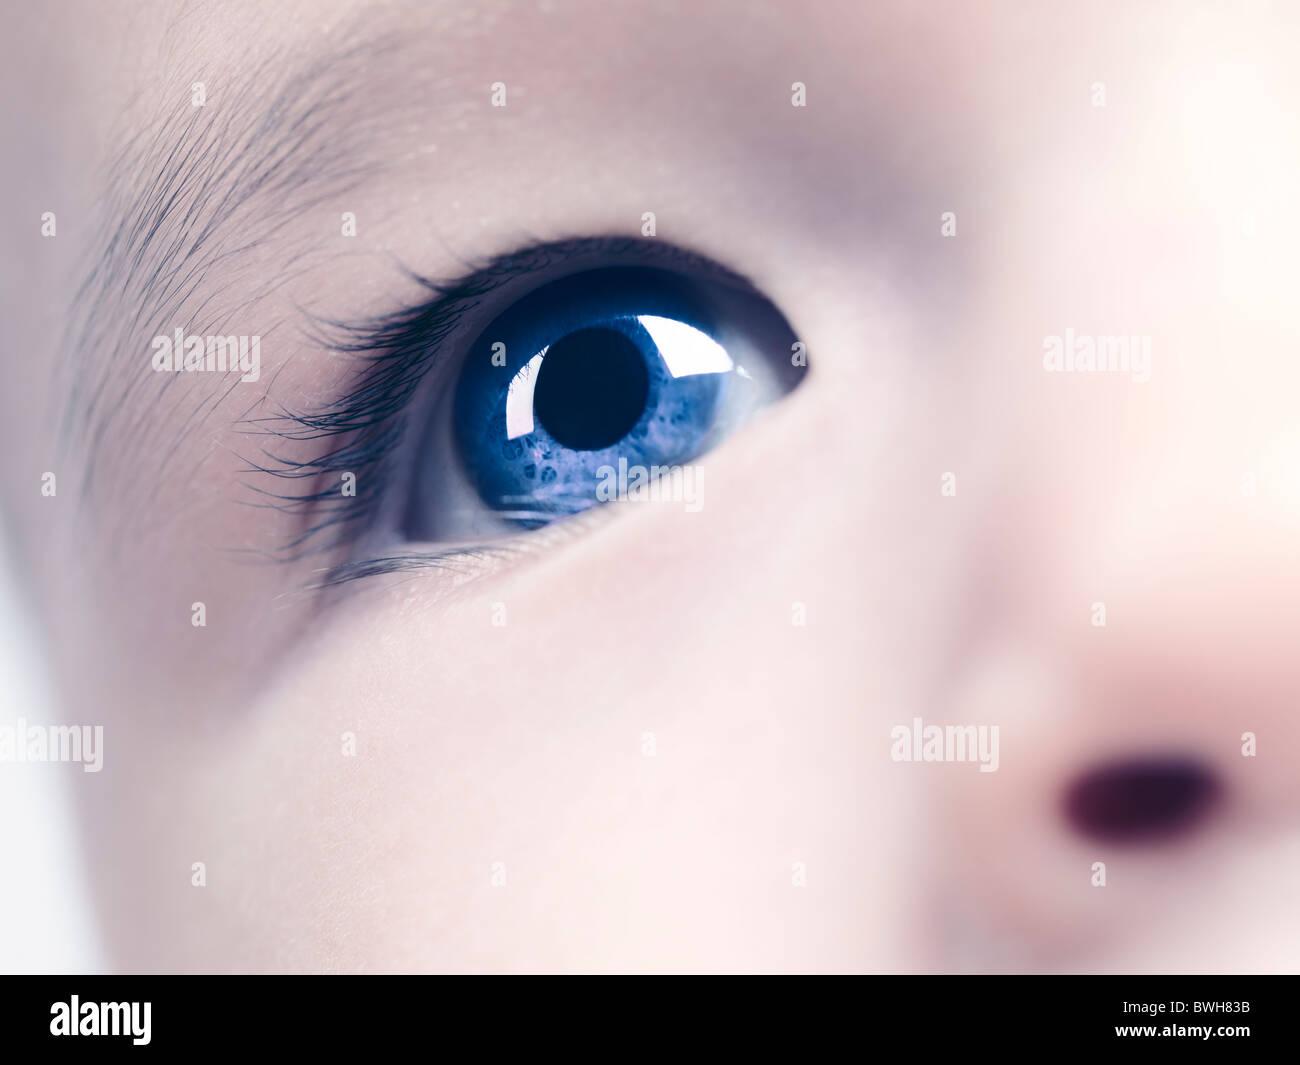 Primer plano de un ojo azul de un bebé de seis meses. Alterada digitalmente. Imagen De Stock